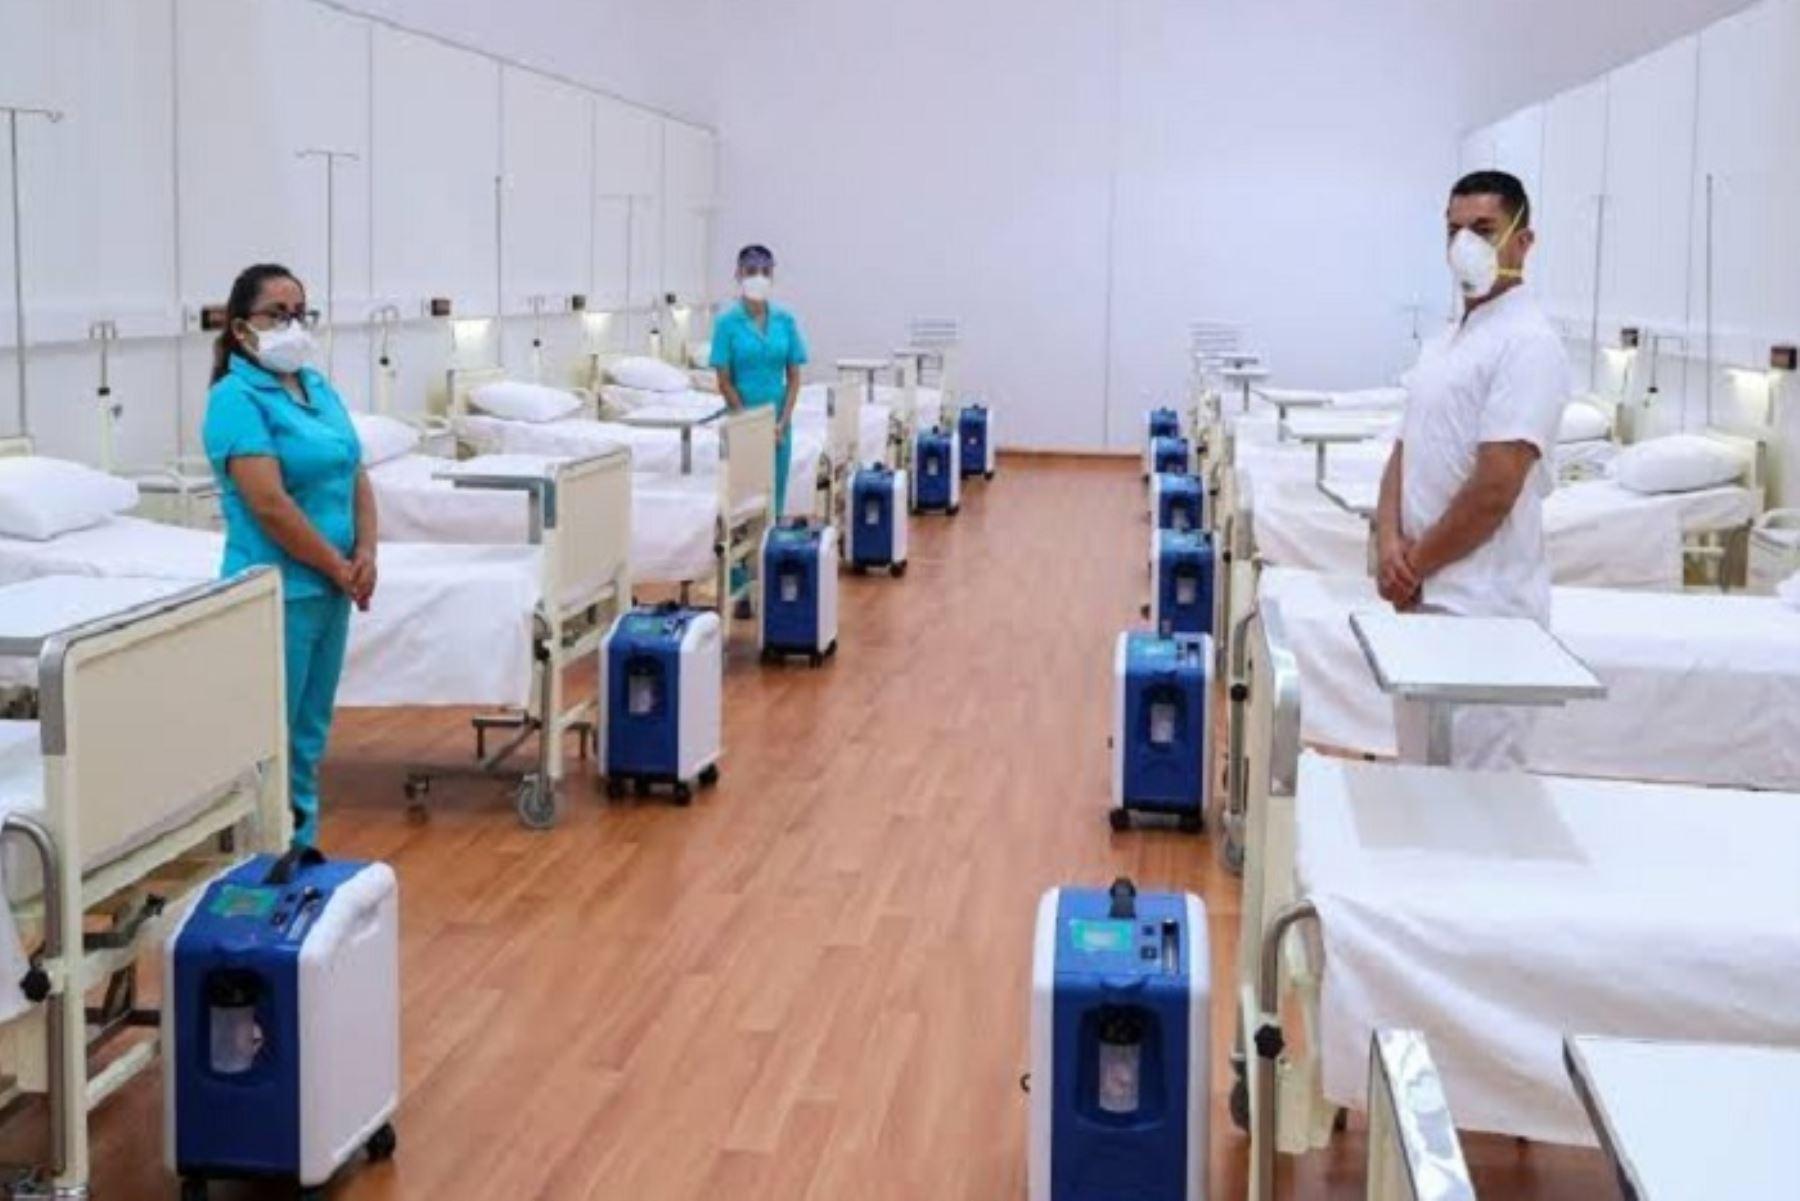 Este fin de semana se terminará el proyecto de remodelación de la Sala UCI General, donde se atenderá enfermedades no covid-19.